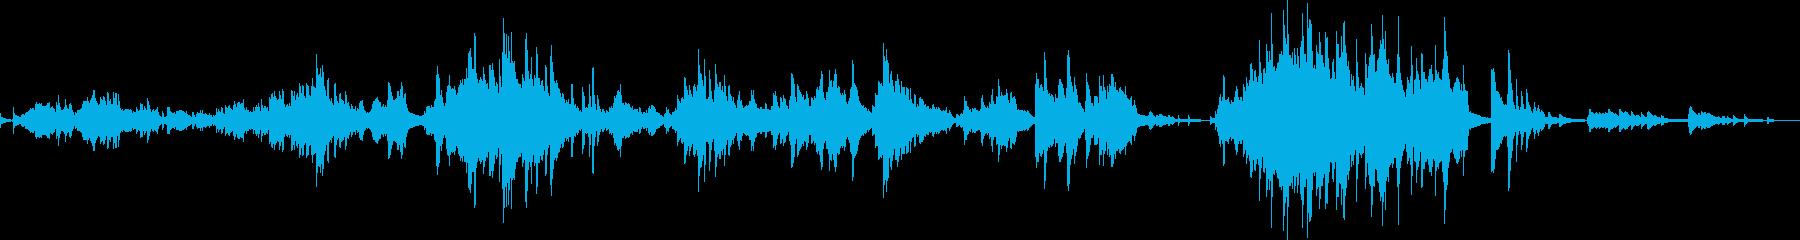 人生は素晴らしい!!(ピアノ)の再生済みの波形